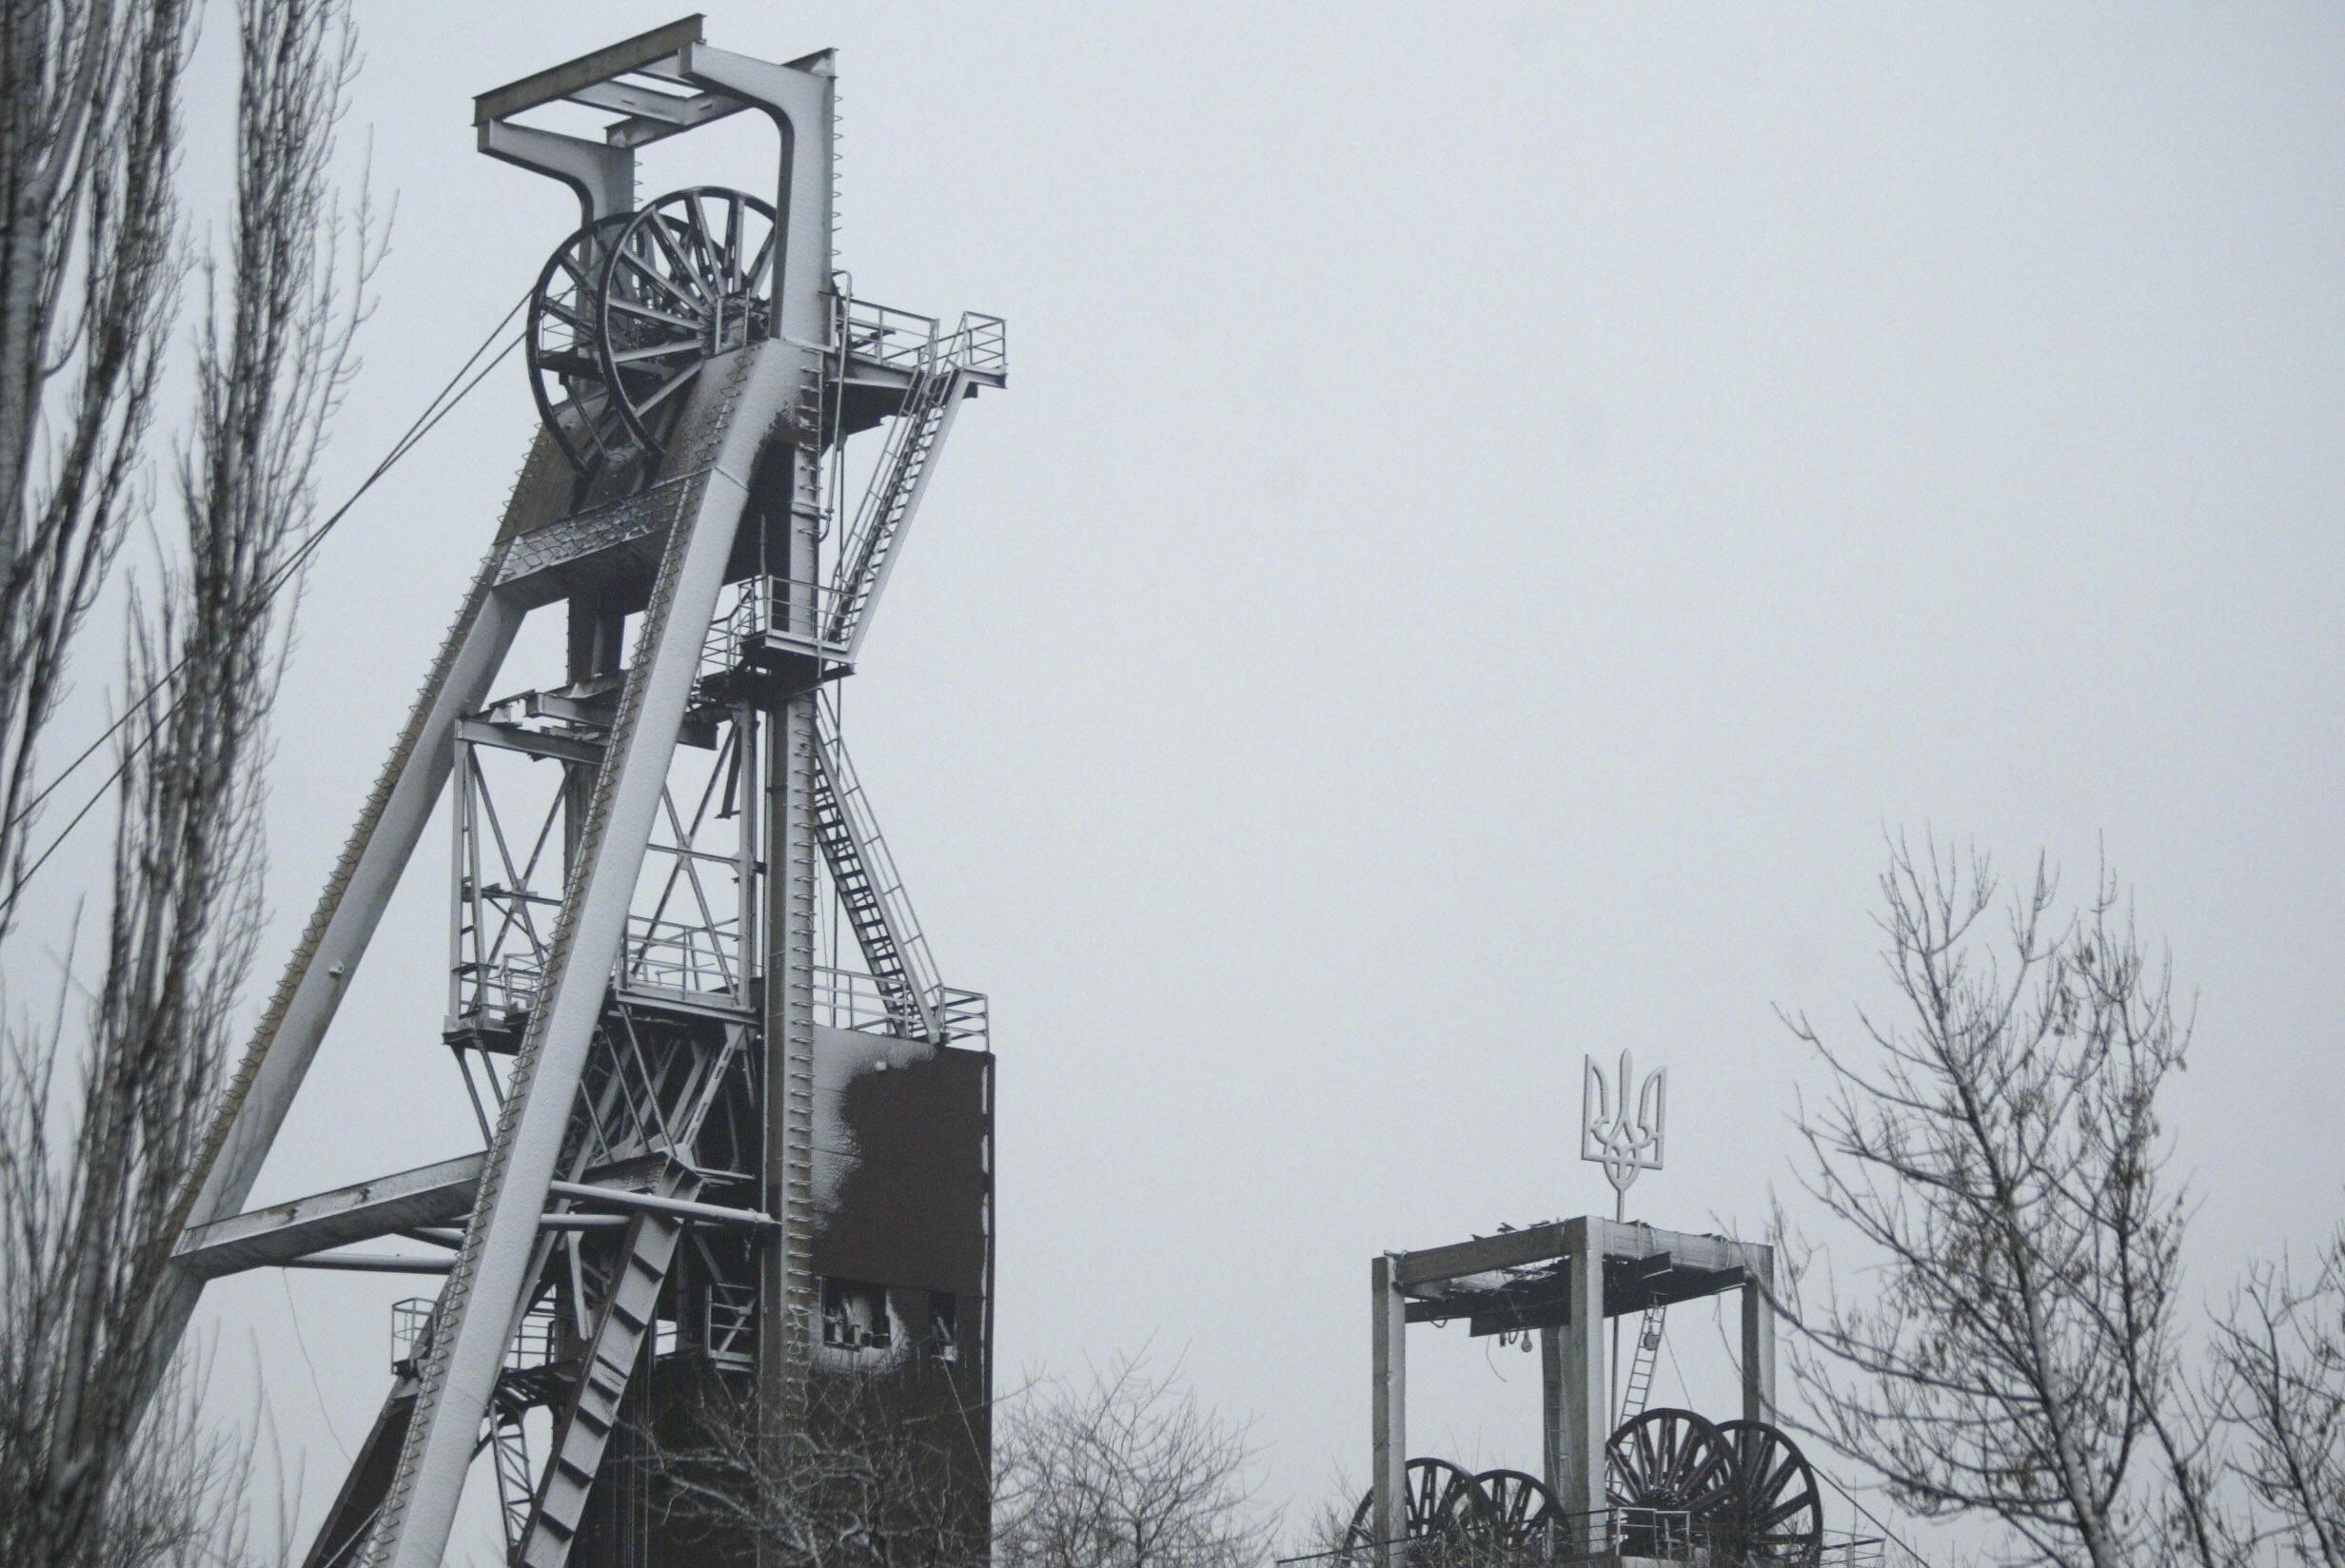 Від вибуху на вугільній шахті в Донецькій області постраждали 10 гірників